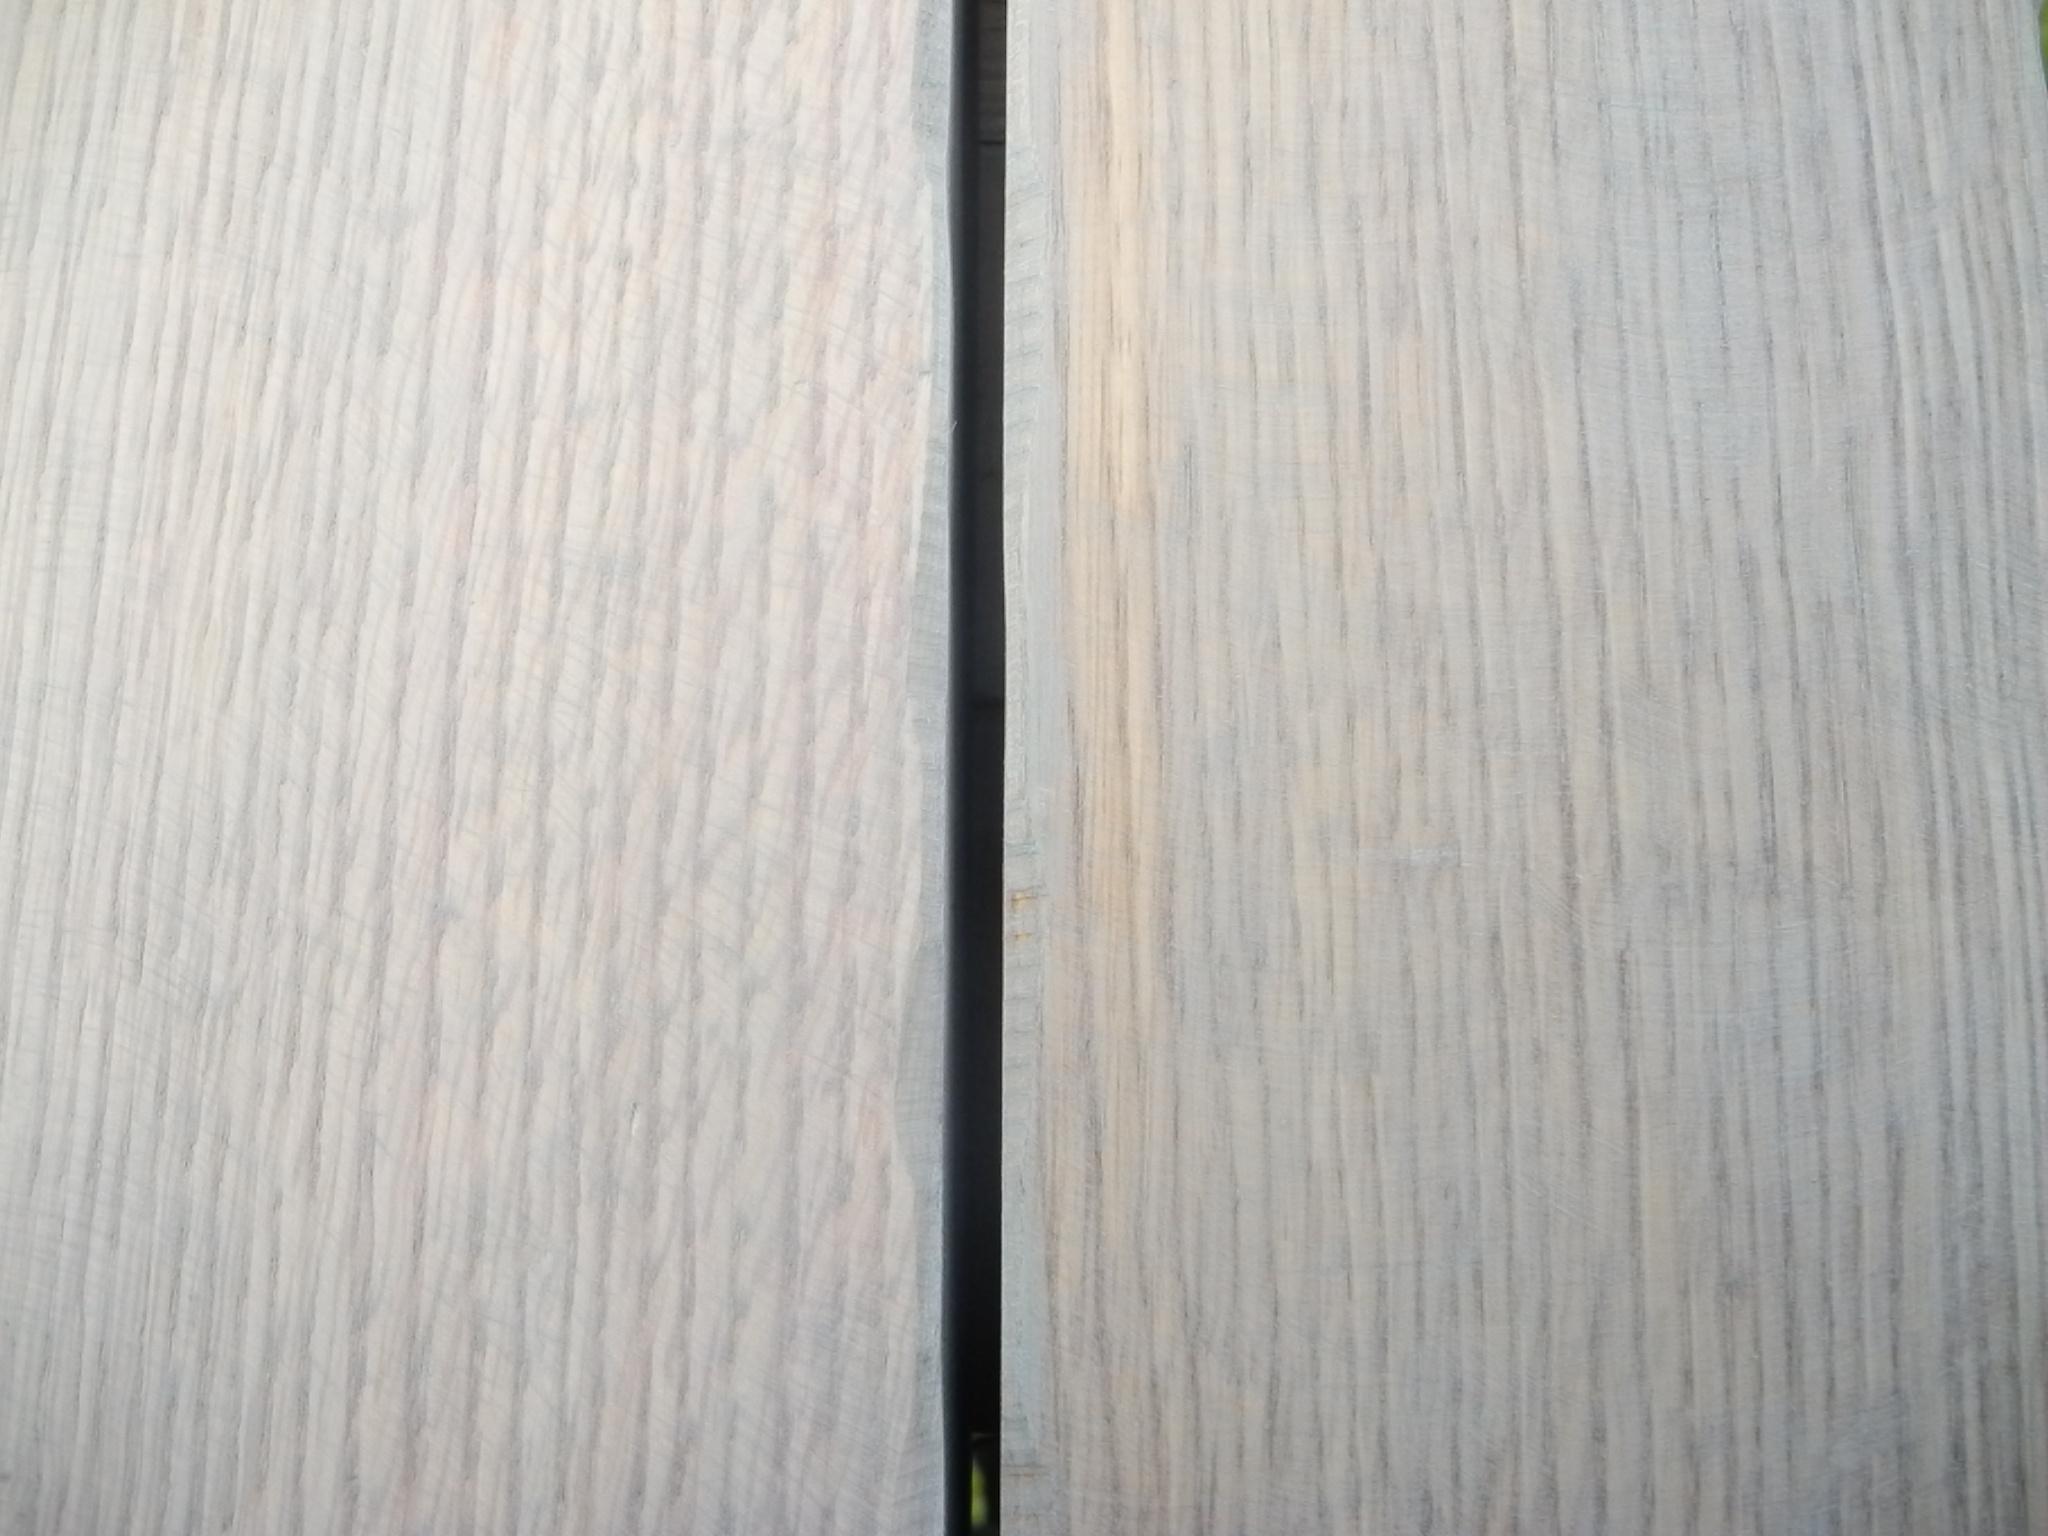 Massivholz Gartenmöbel aus Eiche   die Holzfabrik